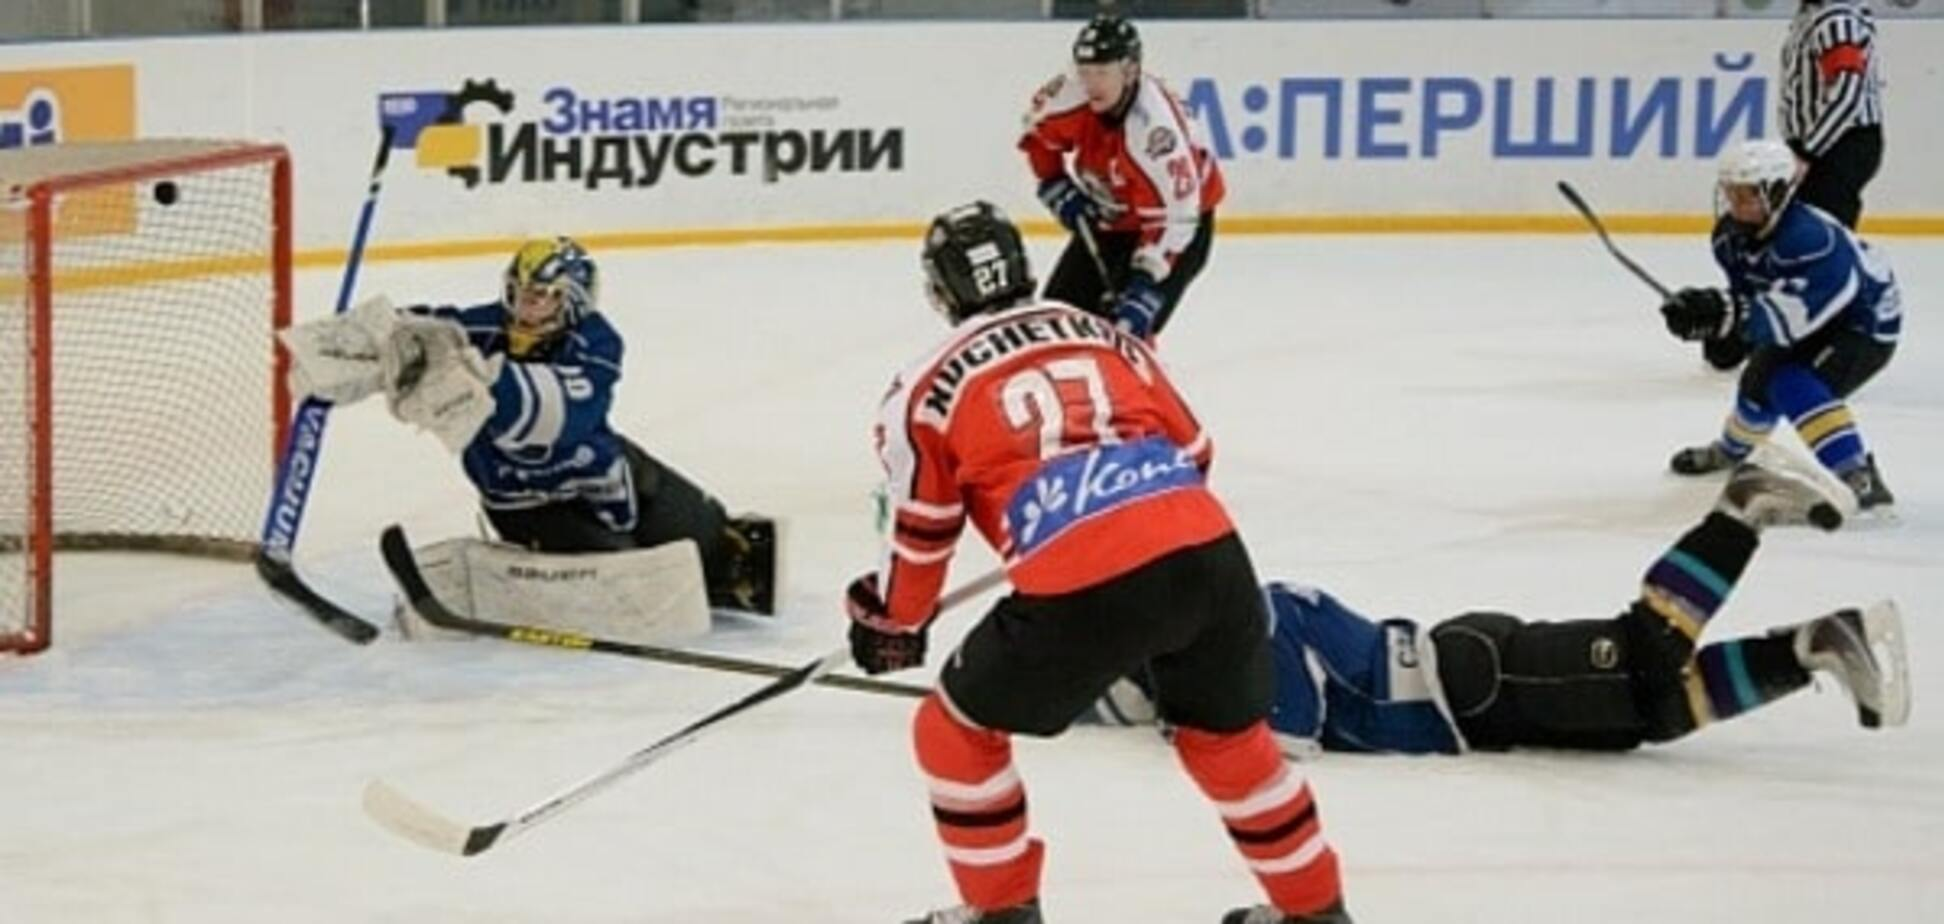 ХК 'Донбасс' устроил феерическое зрелище в чемпионате Украины